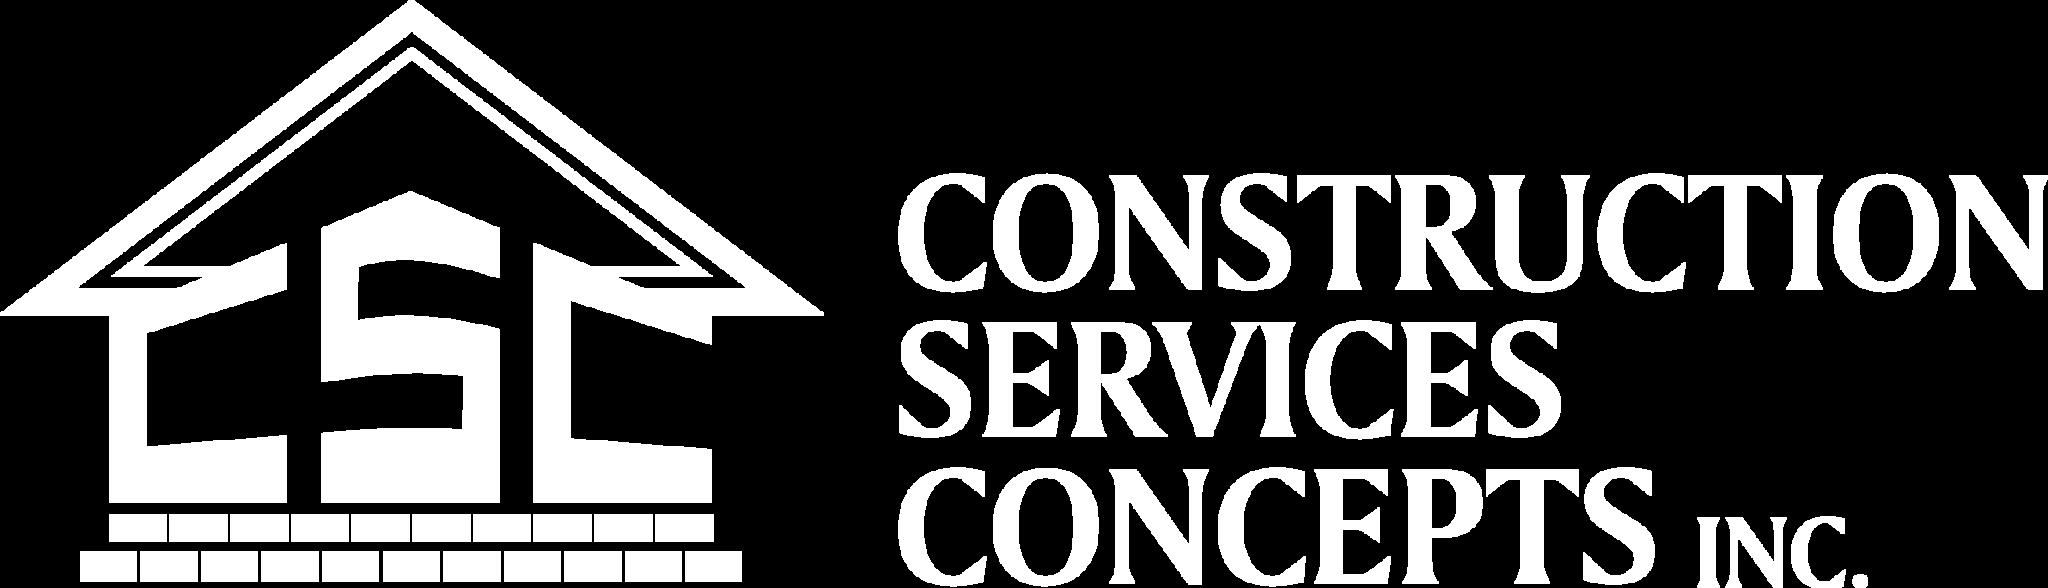 Construction Services Concepts